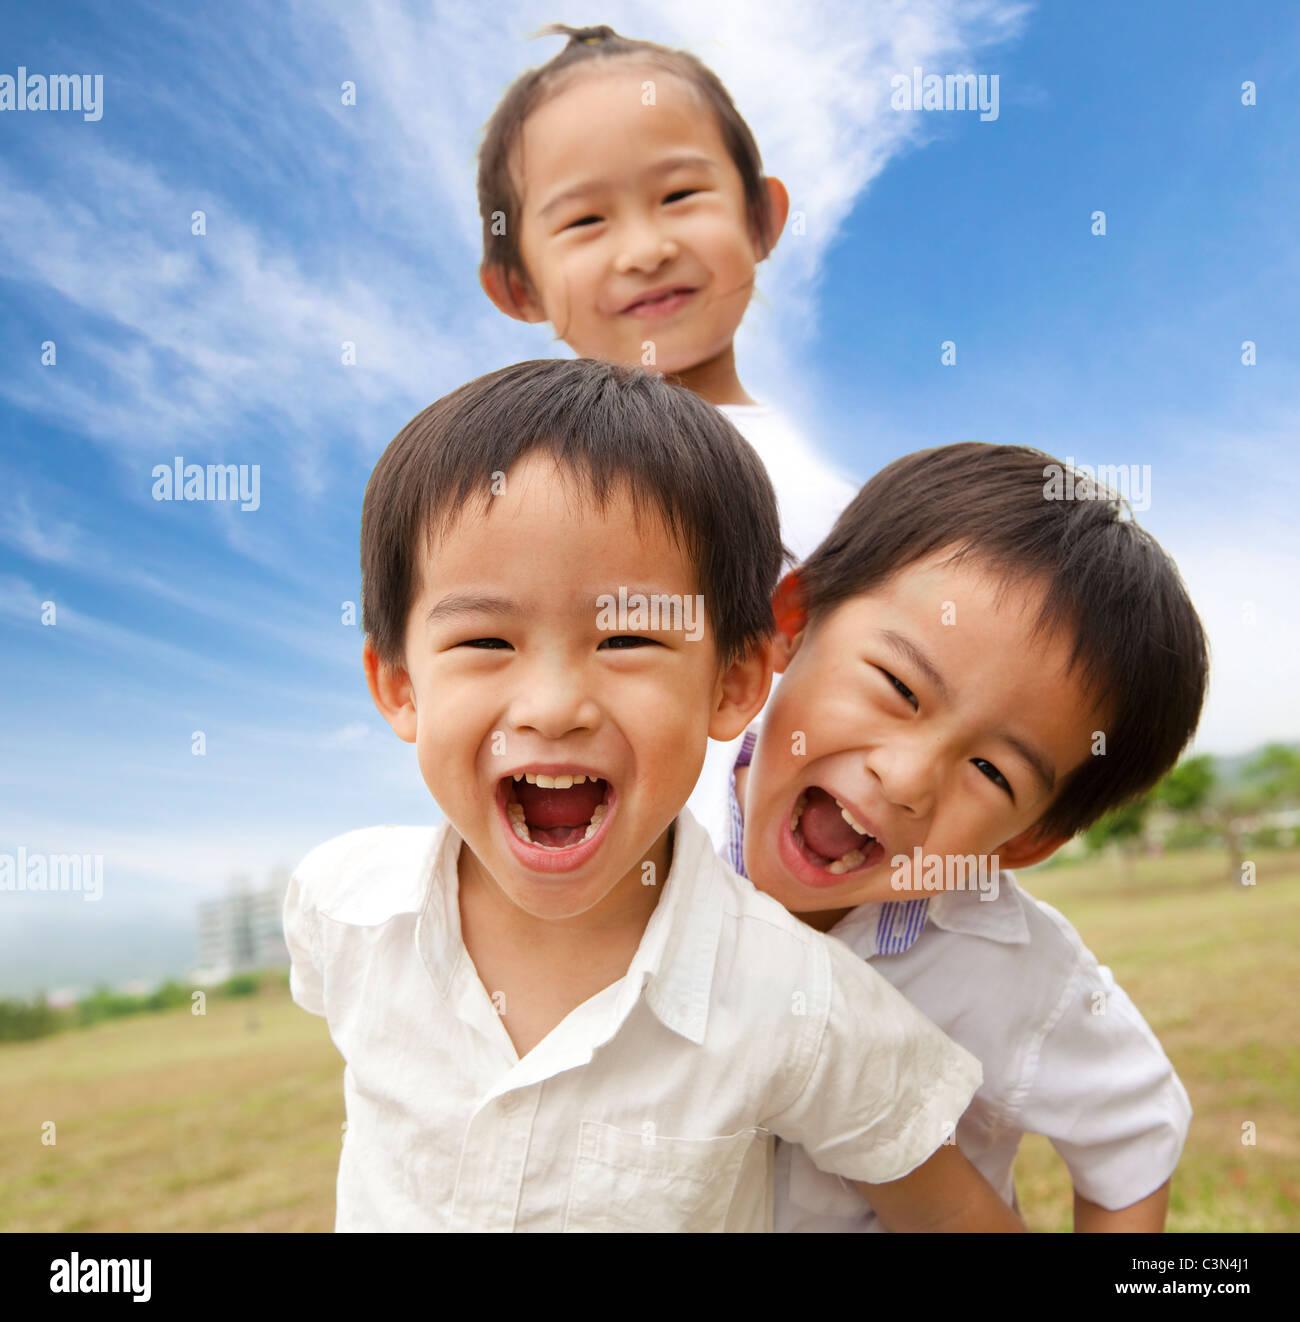 Ritratto di felice all'aperto per bambini Immagini Stock